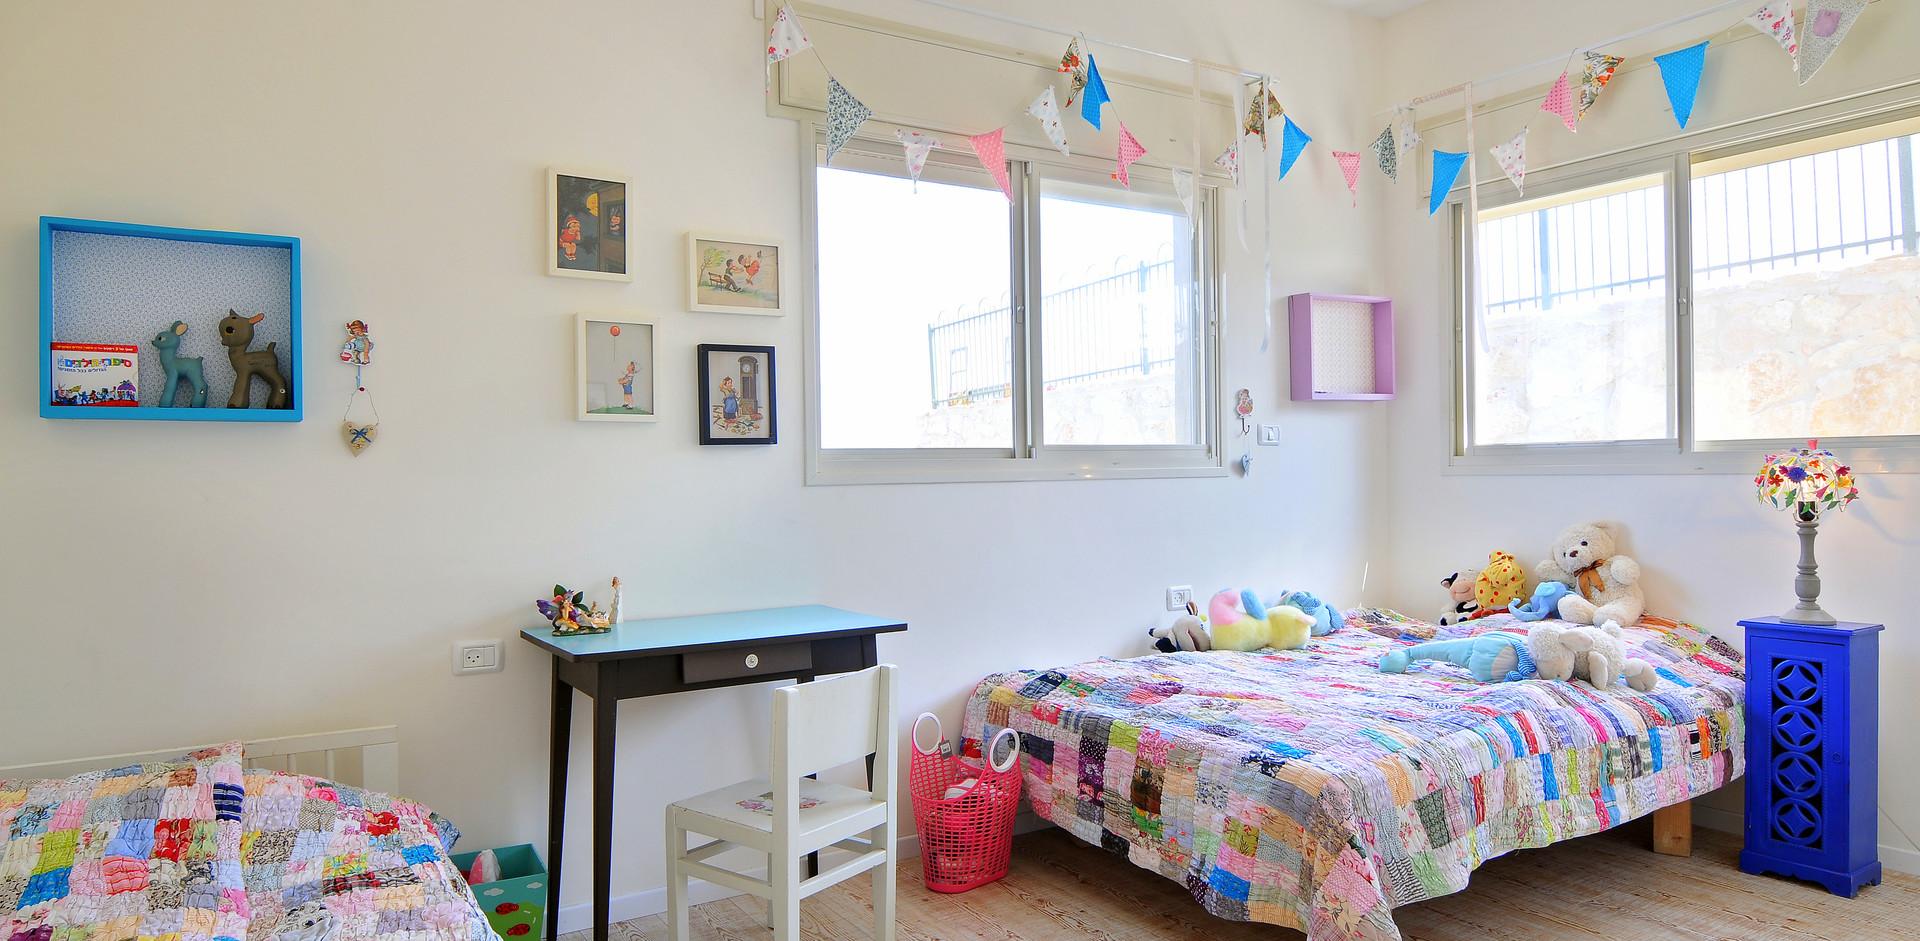 חדר שינה בנות- יצירה עצמית